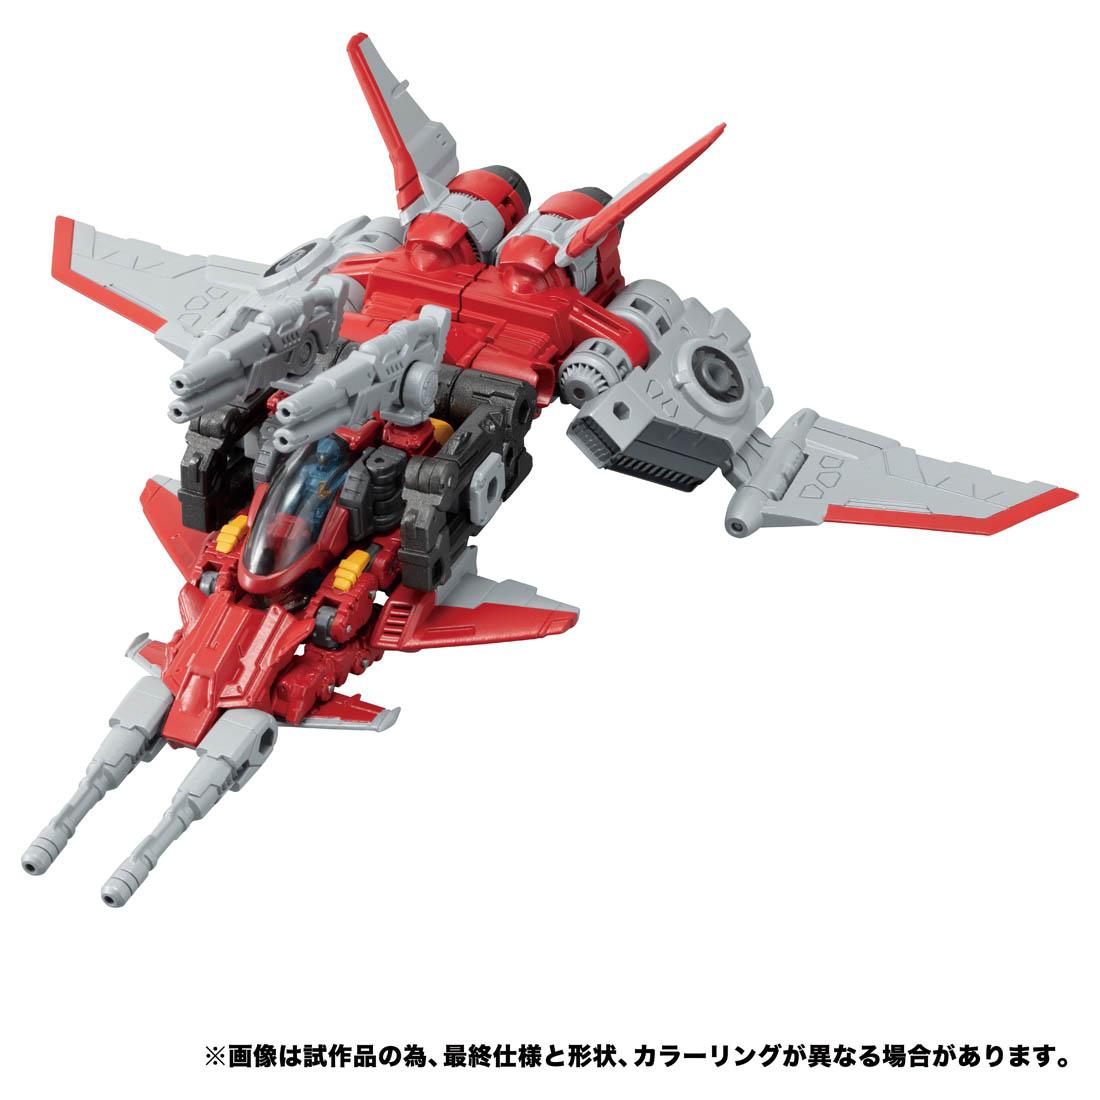 ダイアクロン『DA-52 ヴァースライザー1号』可動フィギュア-001